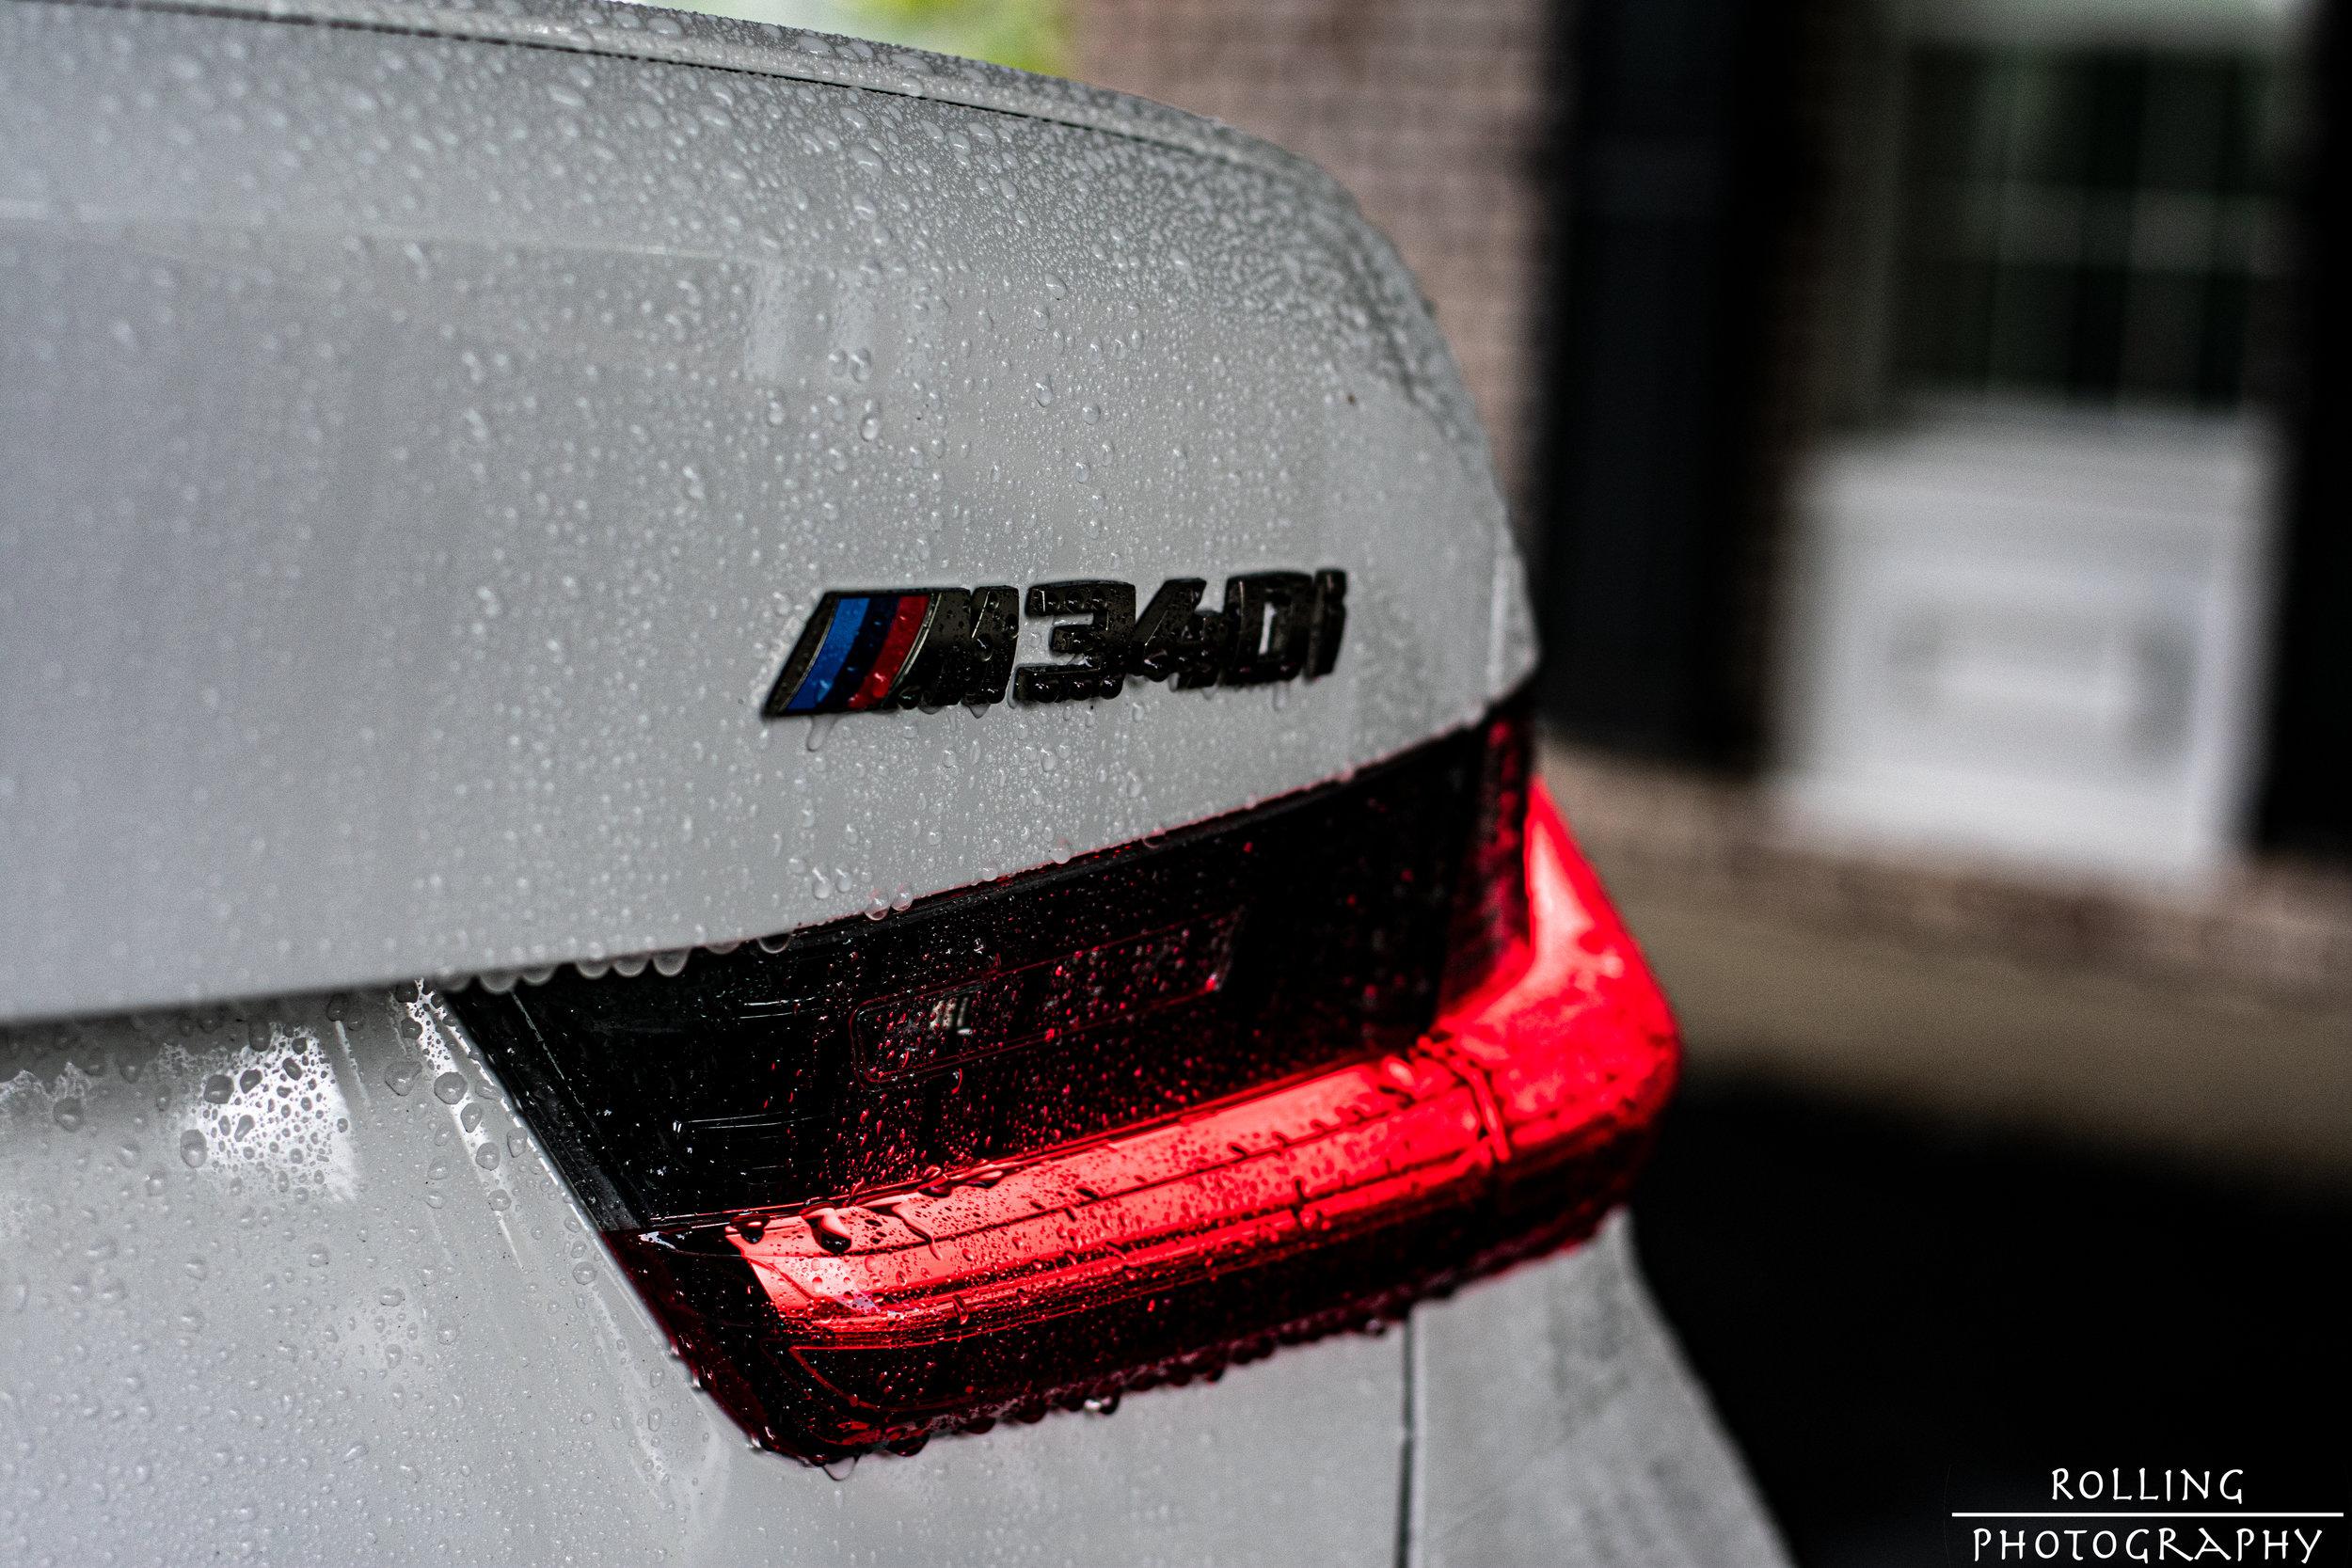 M340i Low Right Rear.jpg